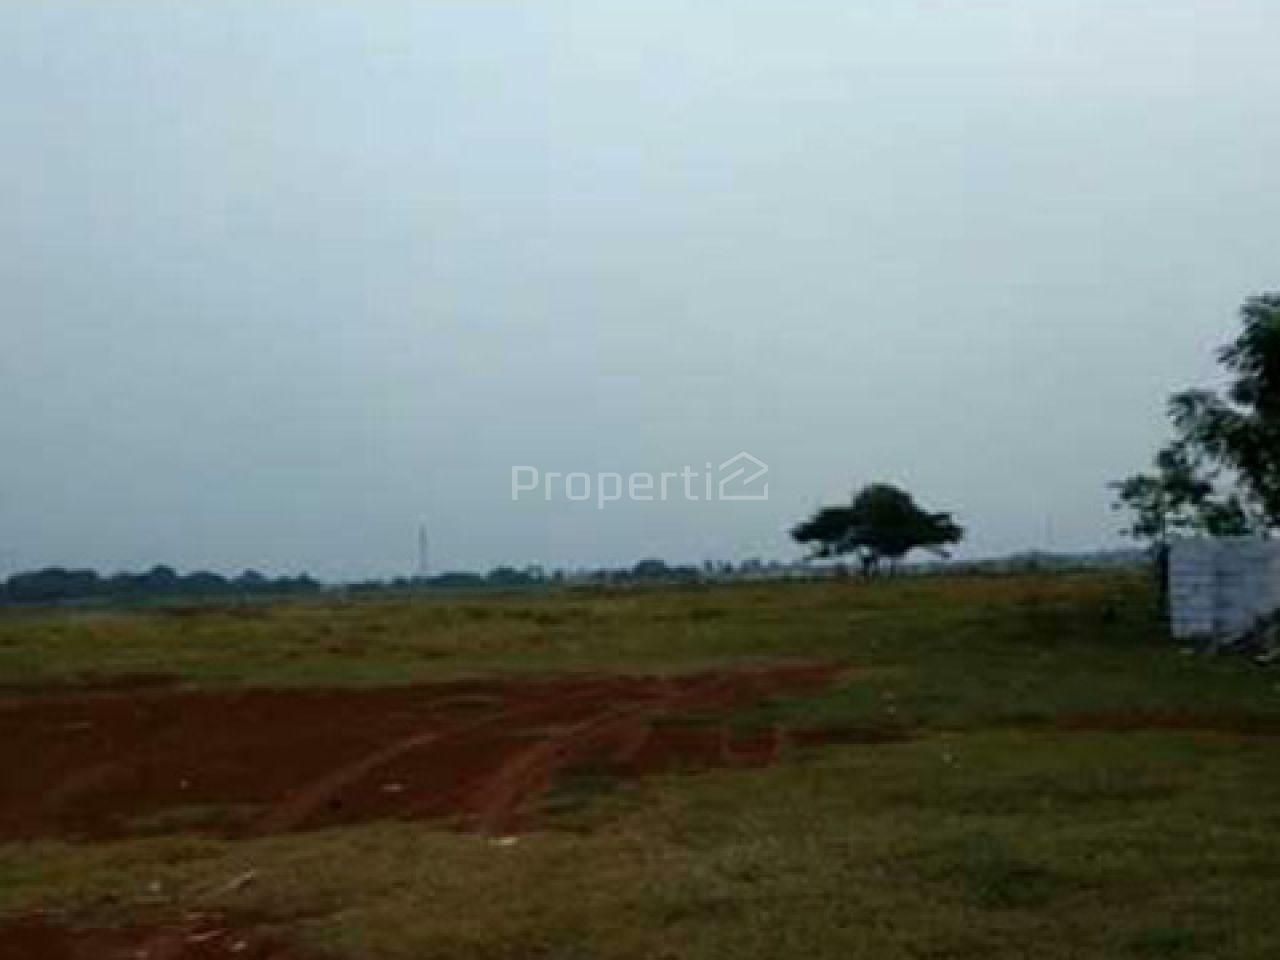 Tanah Darat dan Datar di Mauk, Tangerang, Kab. Tangerang